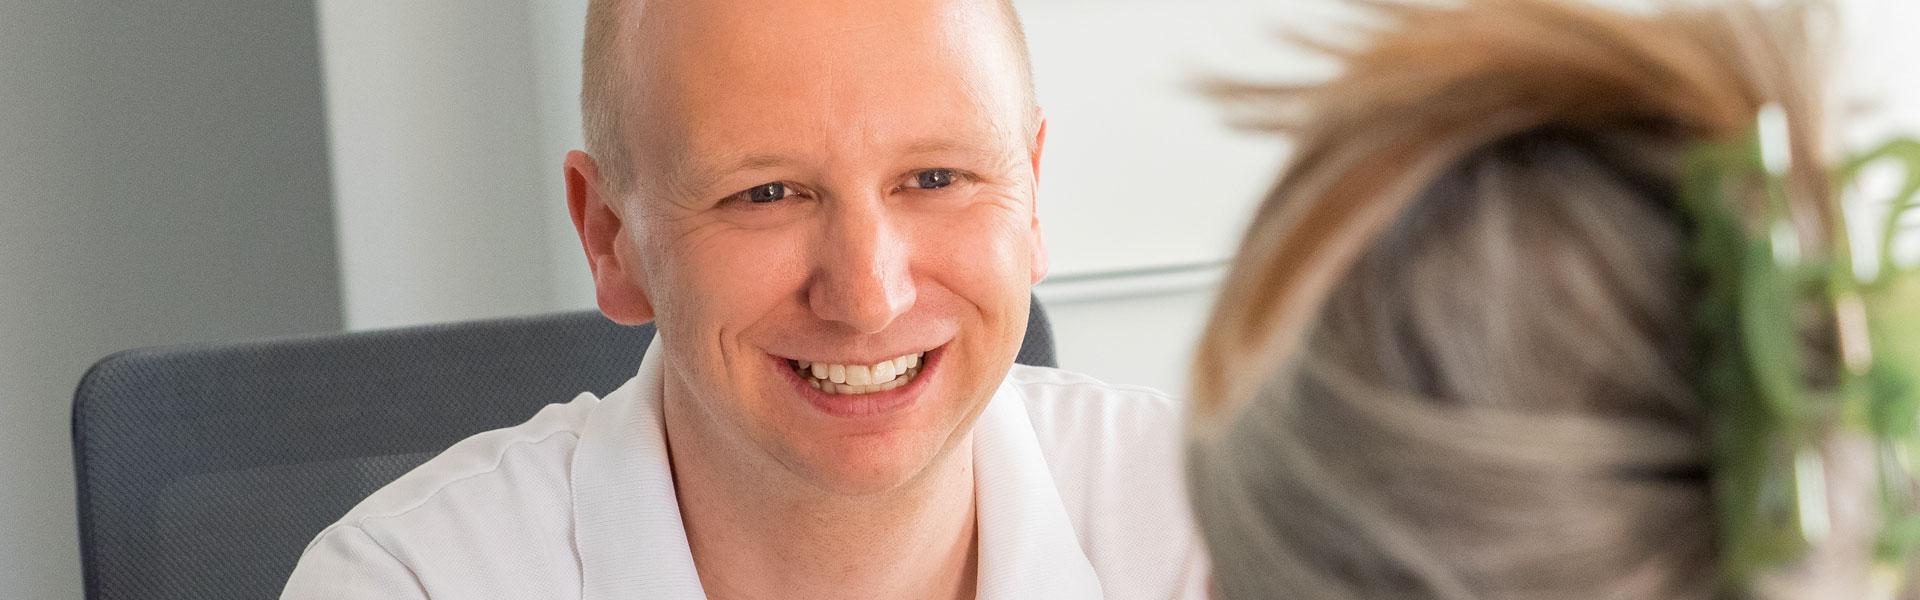 Behandlungsspektrum Praxis Dr. med. Dominik Neukirch